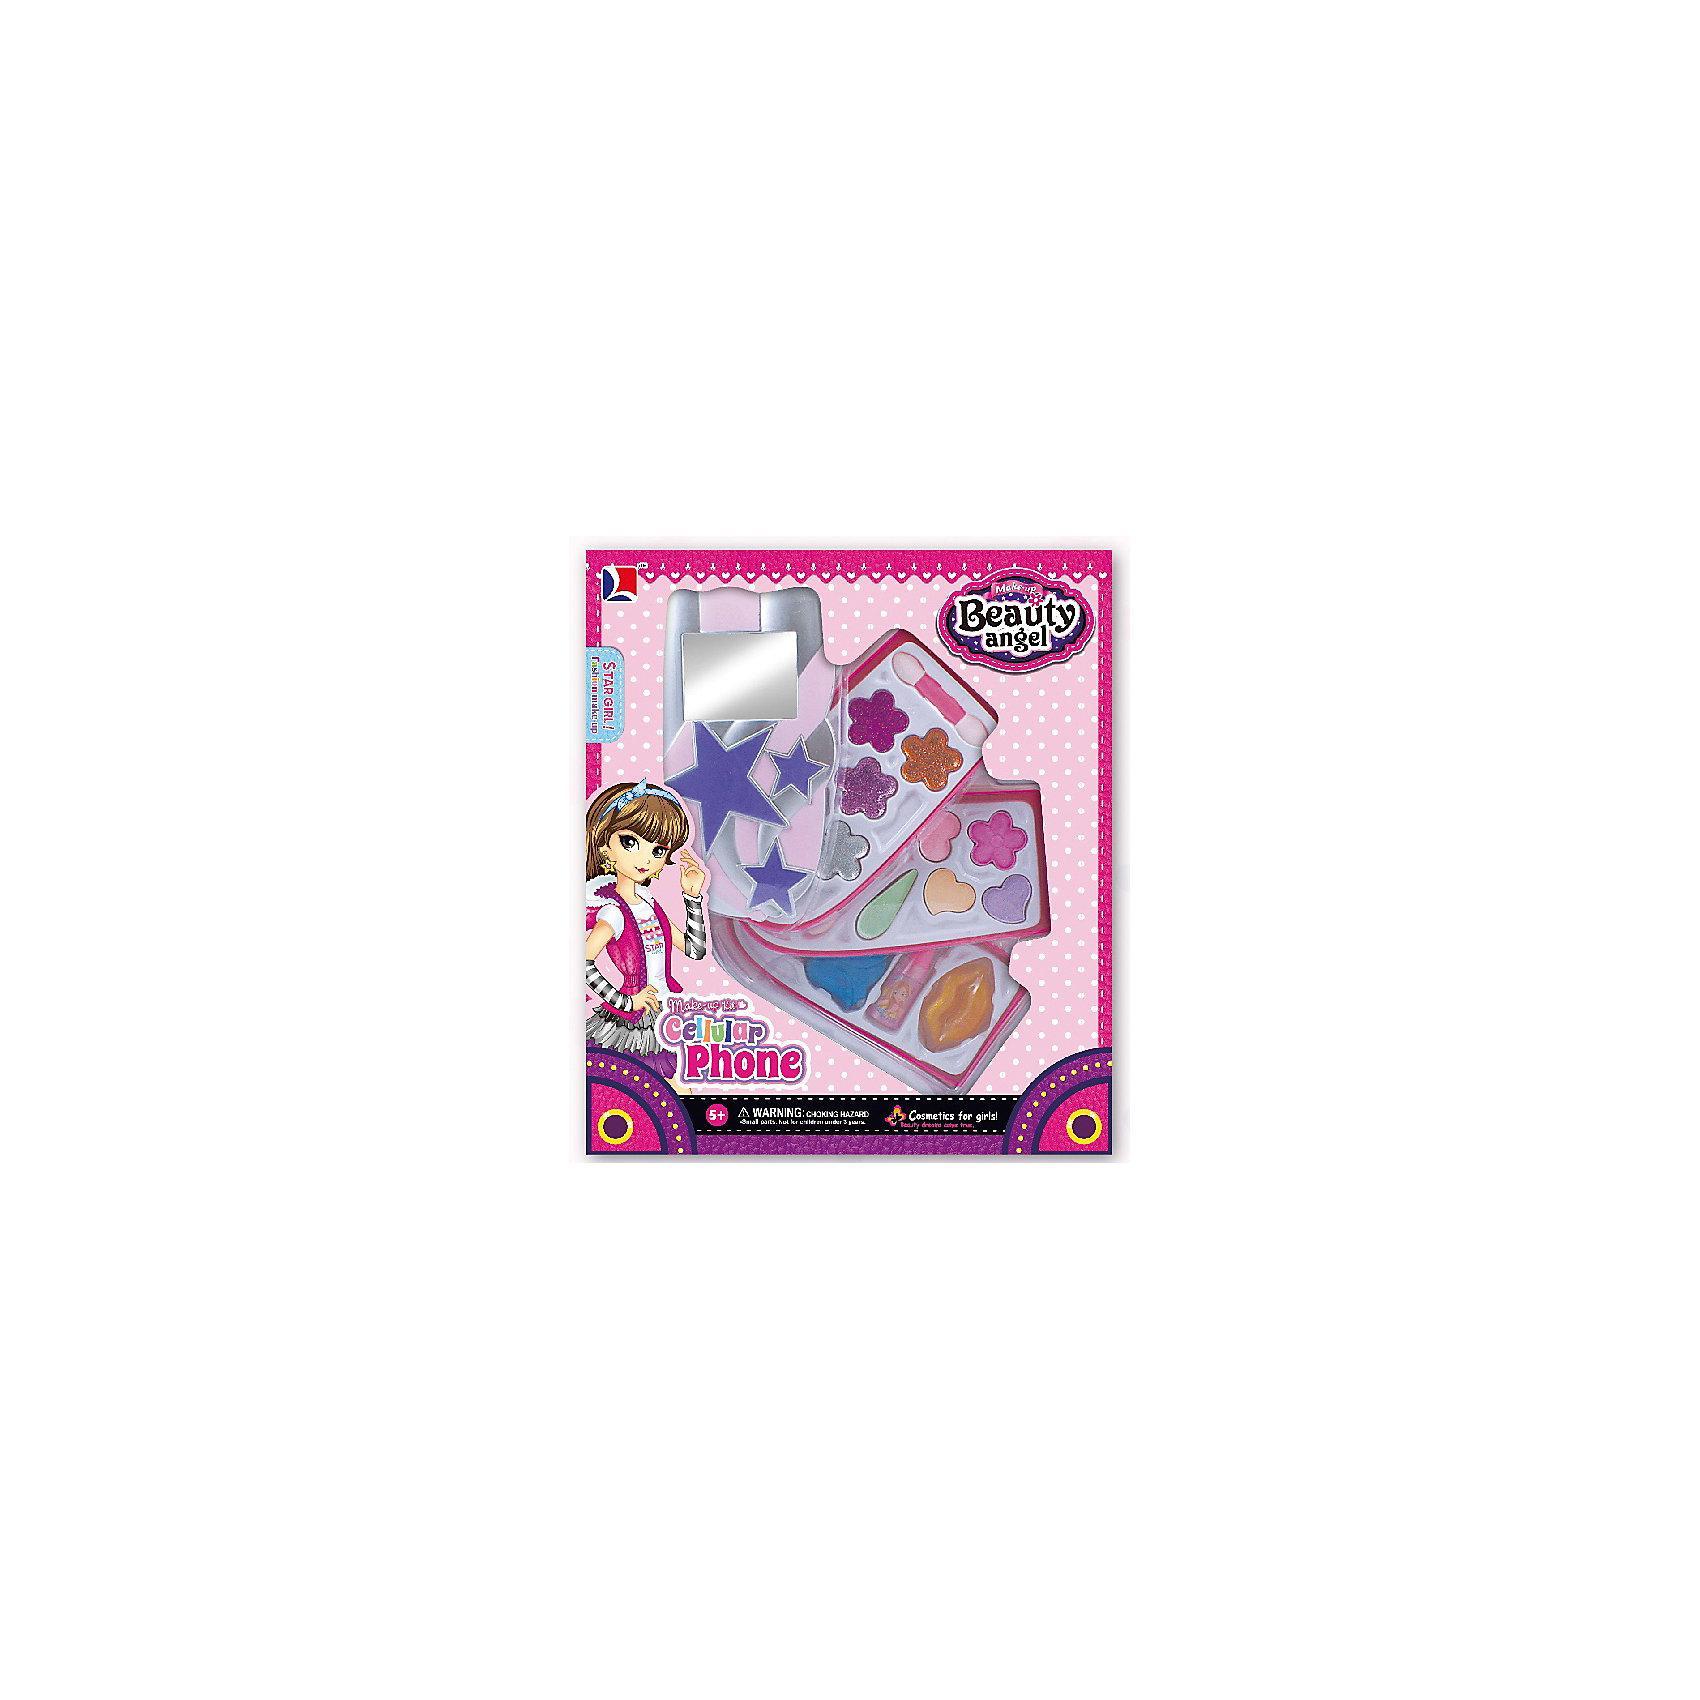 Игровой косметический набор Телефон-блеск (2 дизайна в ассортименте), Beauty AngelХарактеристики:<br><br>• Вид игрушек: детская косметика<br>• Пол: для девочки<br>• Материал: пластик, натуральные компоненты и красители<br>• Цвет: оттенки розового, голубой, желтый, зеленый, оранжевый и др.<br>• Комплектация: <br> тени для век с блестками – 10 тонов<br> блеск для губ – 1 тон<br> губная помада – 1 тон<br> лак для ногтей – 1 тон<br> кисточка – 1 шт.<br>• Форма футляра: телефон<br>• Размер упаковки (Д*Ш*В): 20*5,7*23,3 см<br>• Вес: 193 г<br>• Упаковка: картонная коробка с блистером<br><br>Игровой косметический набор Телефон-блеск, Beauty Angel от всемирно известного торгового бренда Dileny, который занимается разработкой, дизайном и выпуском детской декоративной косметики с учетом модных и стильных тенденций мира моды. Линейка наборов Beauty Angel представляет собой косметические наборы в состав которых входят как матовые, так и перламутровые оттенки, аксессуары и инструменты для нанесения макияжа. <br><br>Декоративная косметика от Dileny легко наносится, ложится ровным слоем, не осыпается и легко смывается либо теплой водой, либо детским косметическим маслом. Косметика обладает повышенными гипоаллергенными свойствами и легким ароматом. Игровой косметический набор Телефон-блеск, Beauty Angel состоит из 10 оттенков теней для век с блестками, блеска для губ, губной помады, лака для ногтей и кисточки. Футляр с тремя отделениями выполнен в форме телефона.<br><br>Игровой косметический набор Телефон-блеск, Beauty Angel станет идеальным подарком для девочки к любому празднику.<br><br>Игровой косметический набор Телефон-блеск, Beauty Angel можно купить в нашем интернет-магазине.<br><br>Ширина мм: 200<br>Глубина мм: 57<br>Высота мм: 233<br>Вес г: 193<br>Возраст от месяцев: 60<br>Возраст до месяцев: 120<br>Пол: Женский<br>Возраст: Детский<br>SKU: 5418960